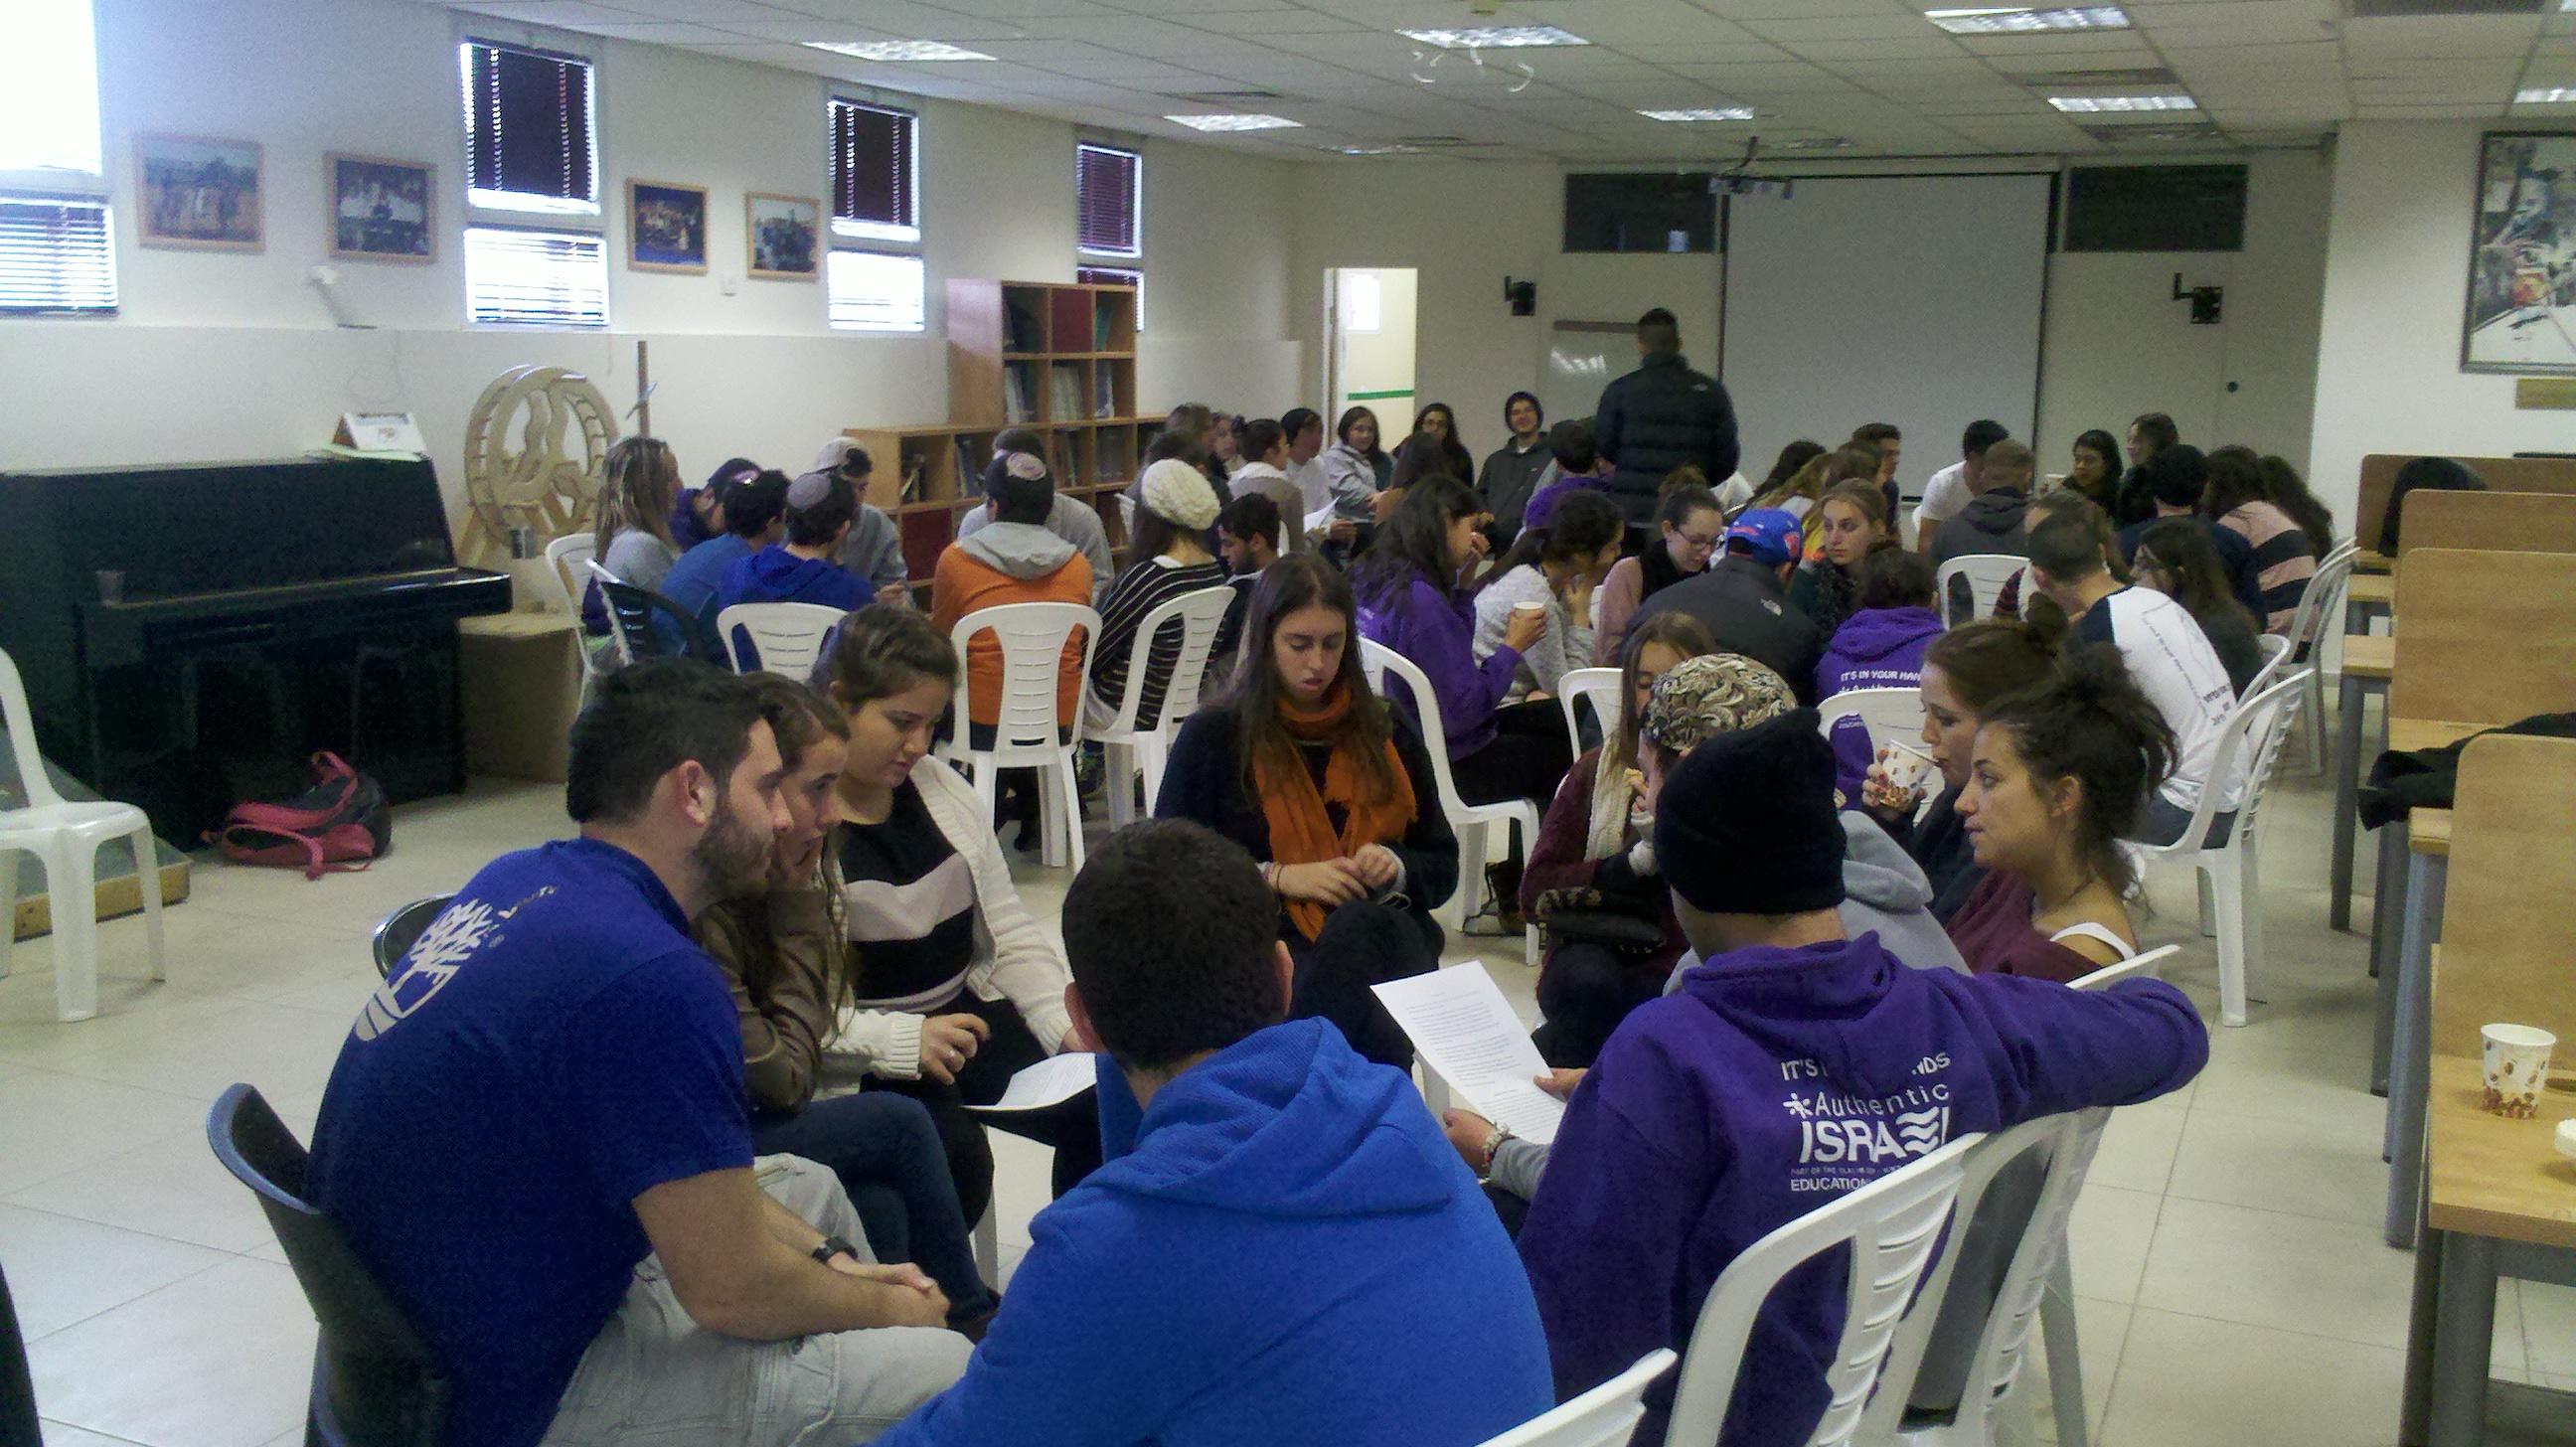 מוגן: הנכס של אורח חיים יהודי- מקבץ שיעורים בנושאי עמיות יהודית